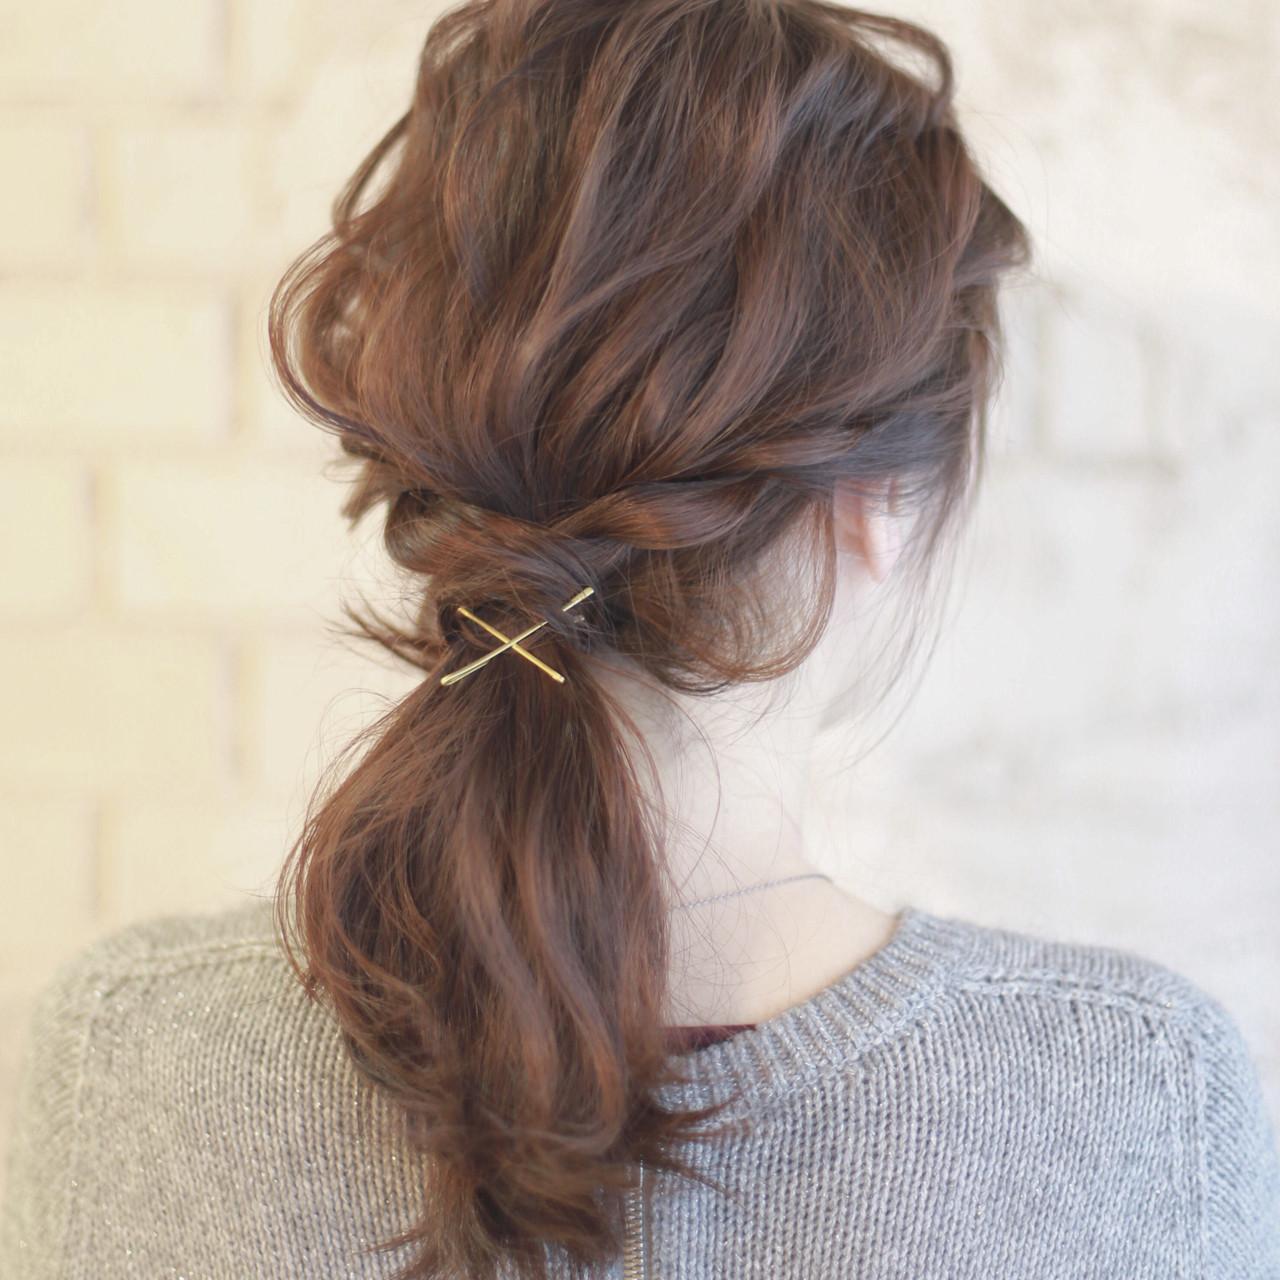 フェミニン グラデーションカラー ゆるふわ 簡単ヘアアレンジヘアスタイルや髪型の写真・画像